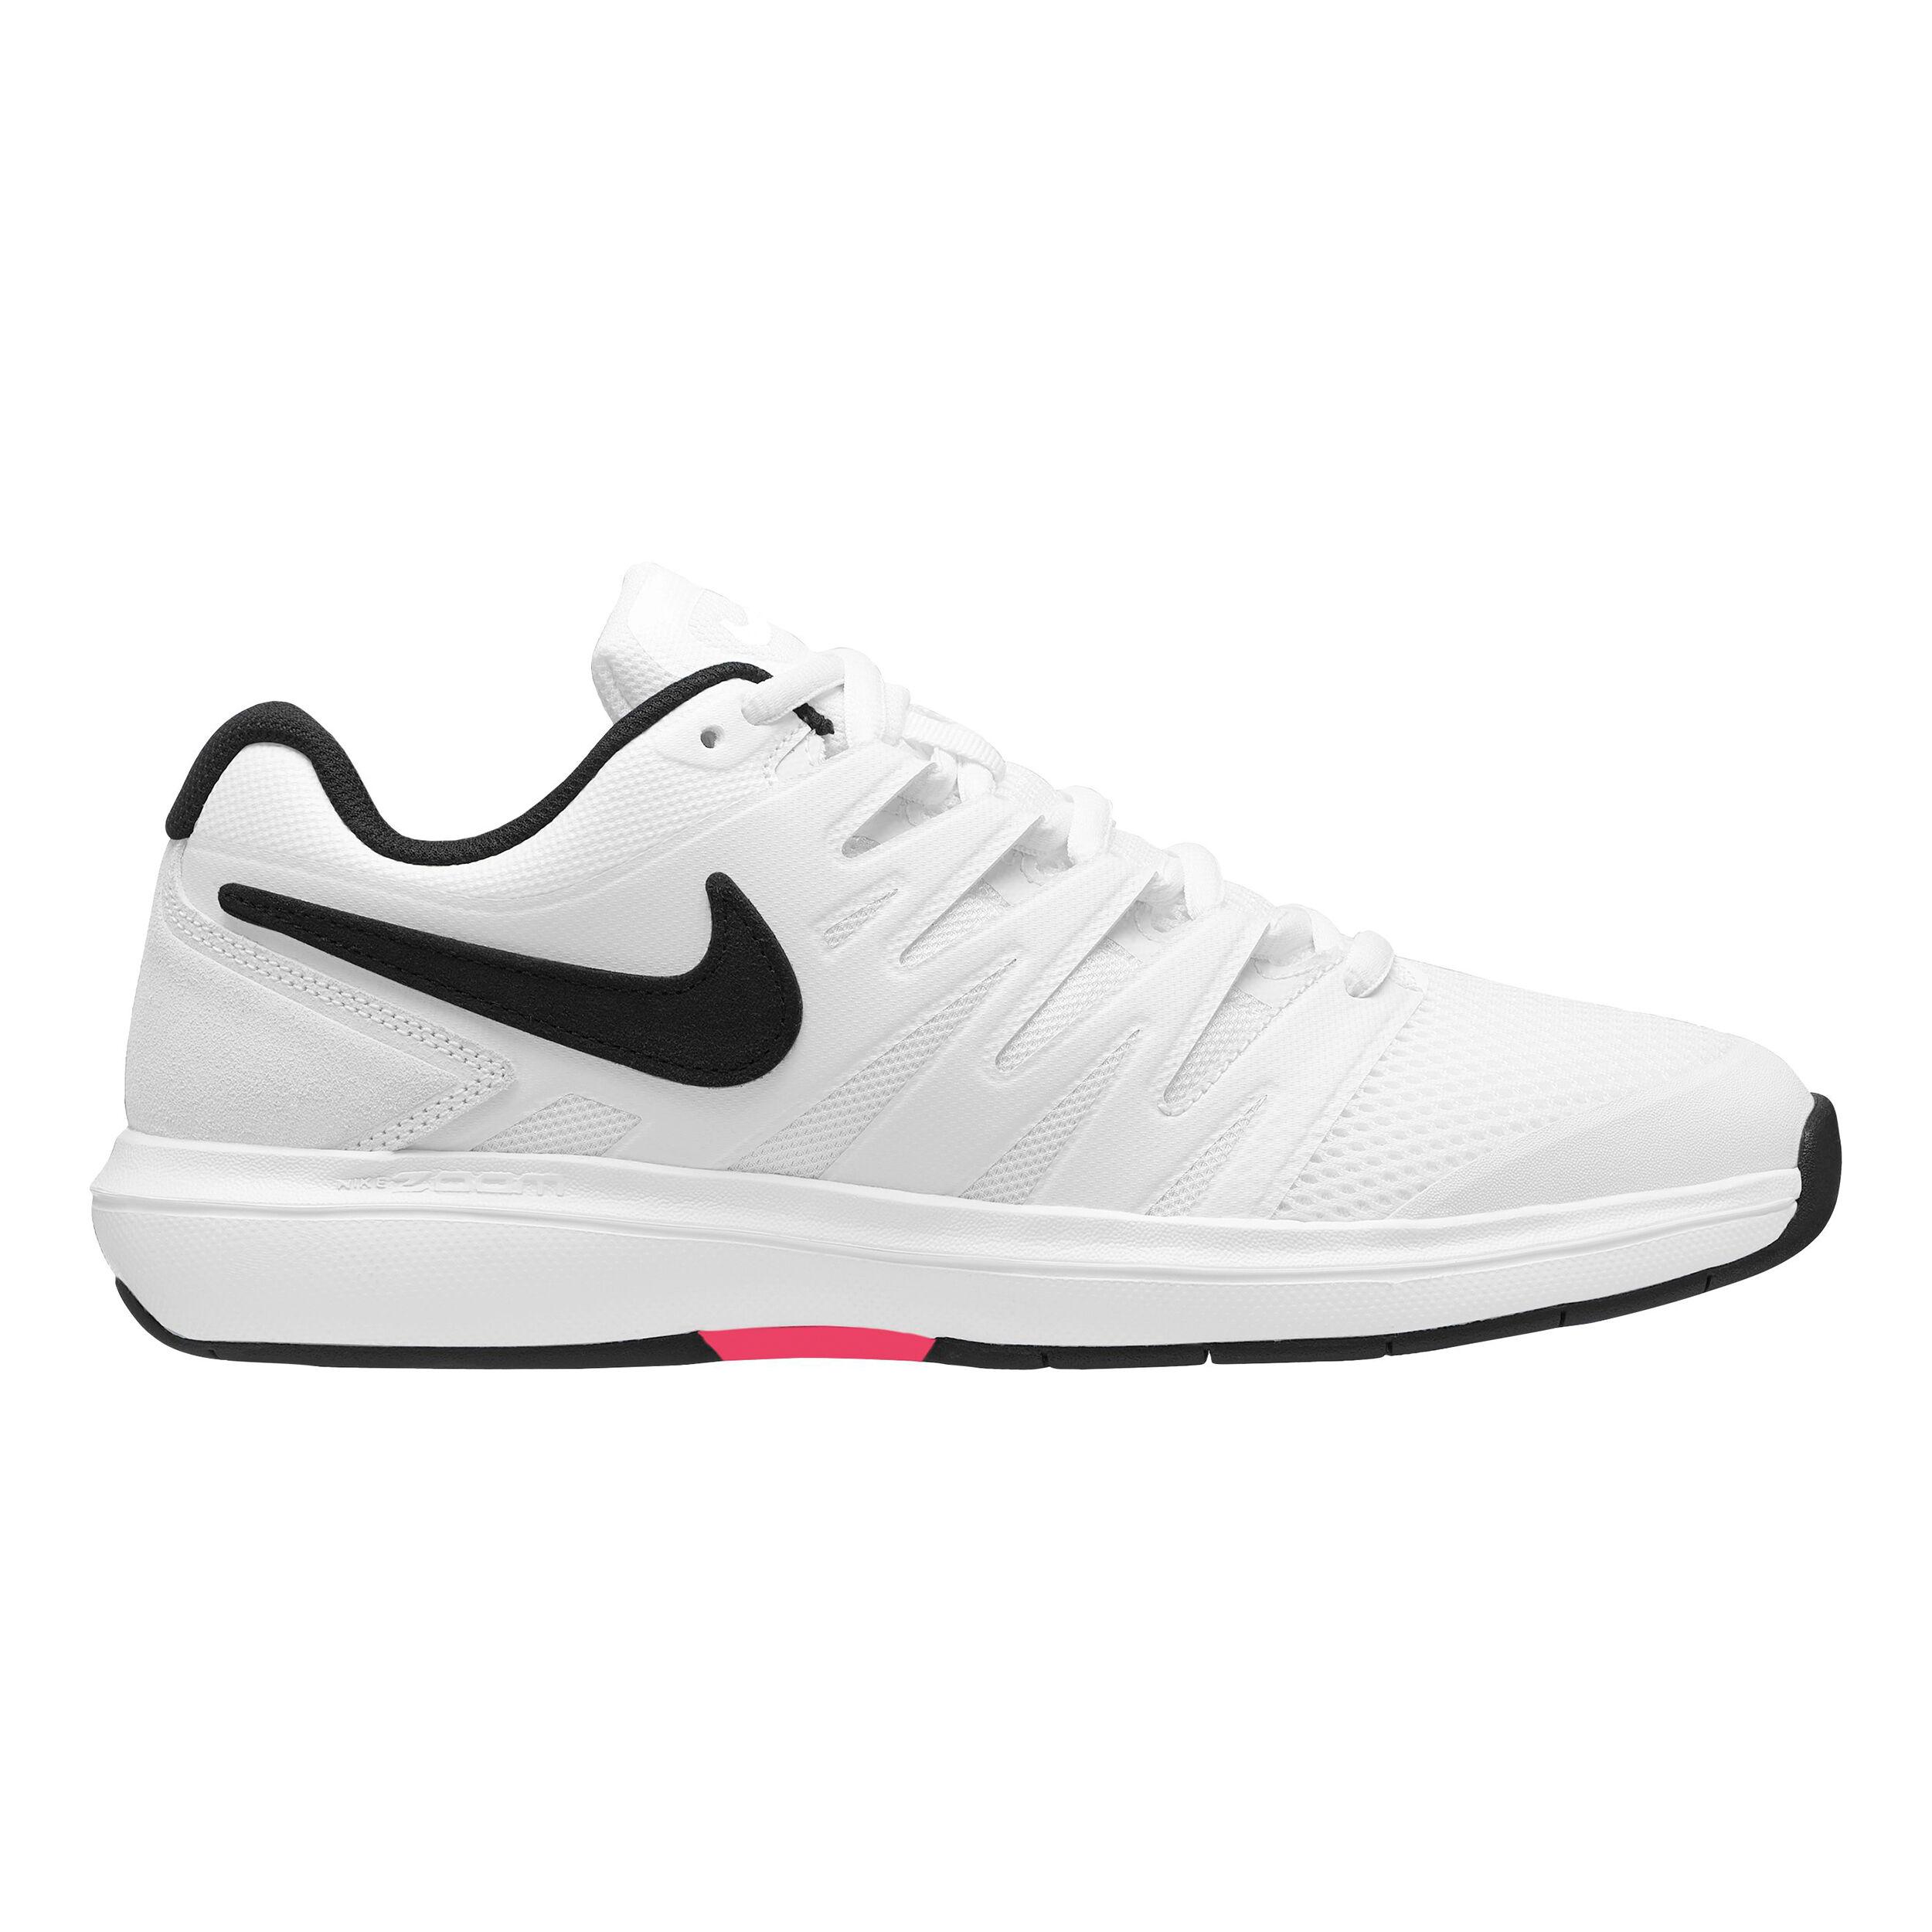 Nuevo producto Zapatillas De Tenis Nike Free Run Segunda